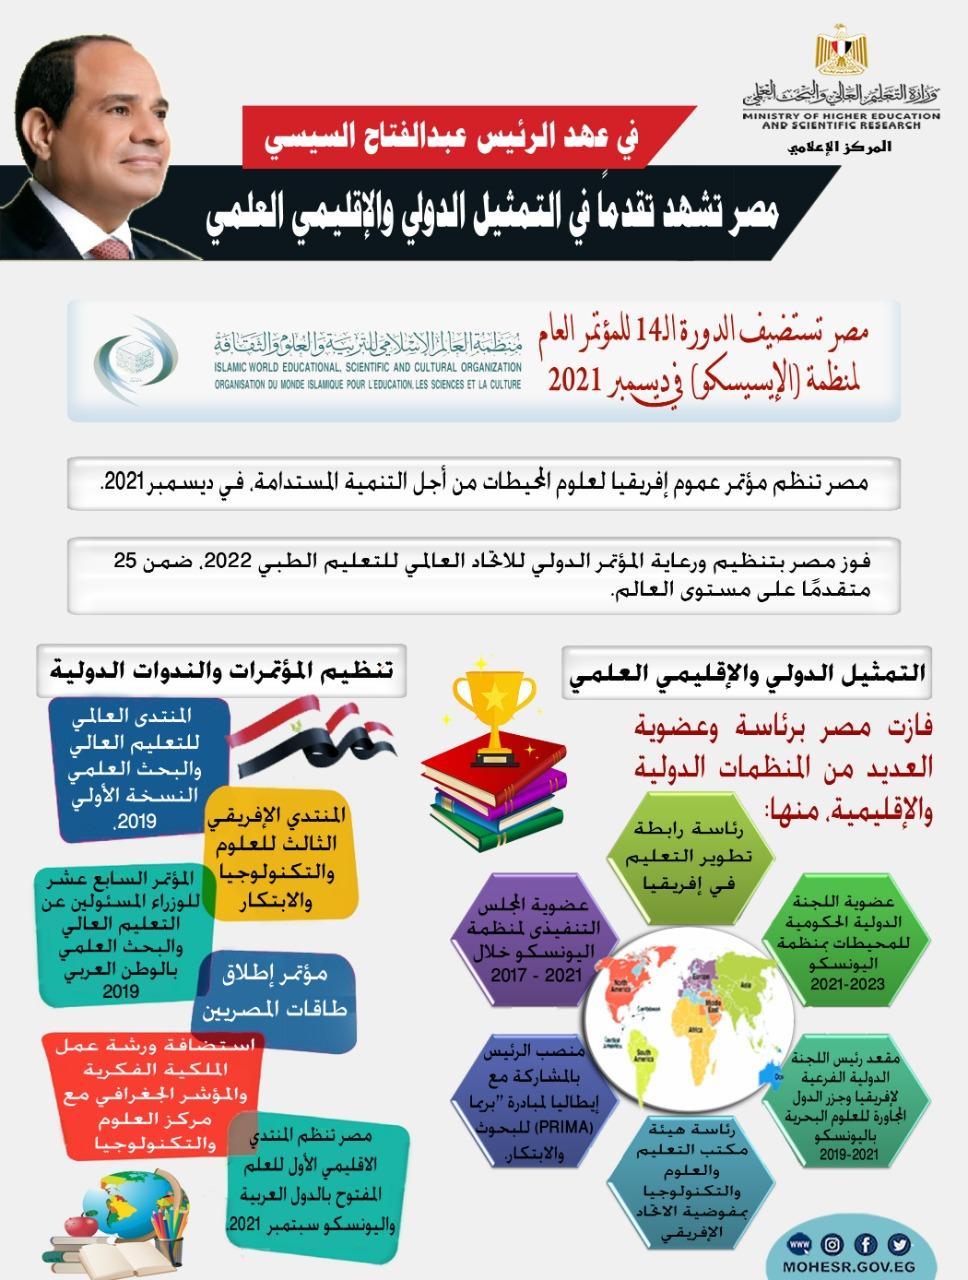 في عهد الرئيس..مصر تشهد تقدمًا في التمثيل الدولي والإقليمي العلمي